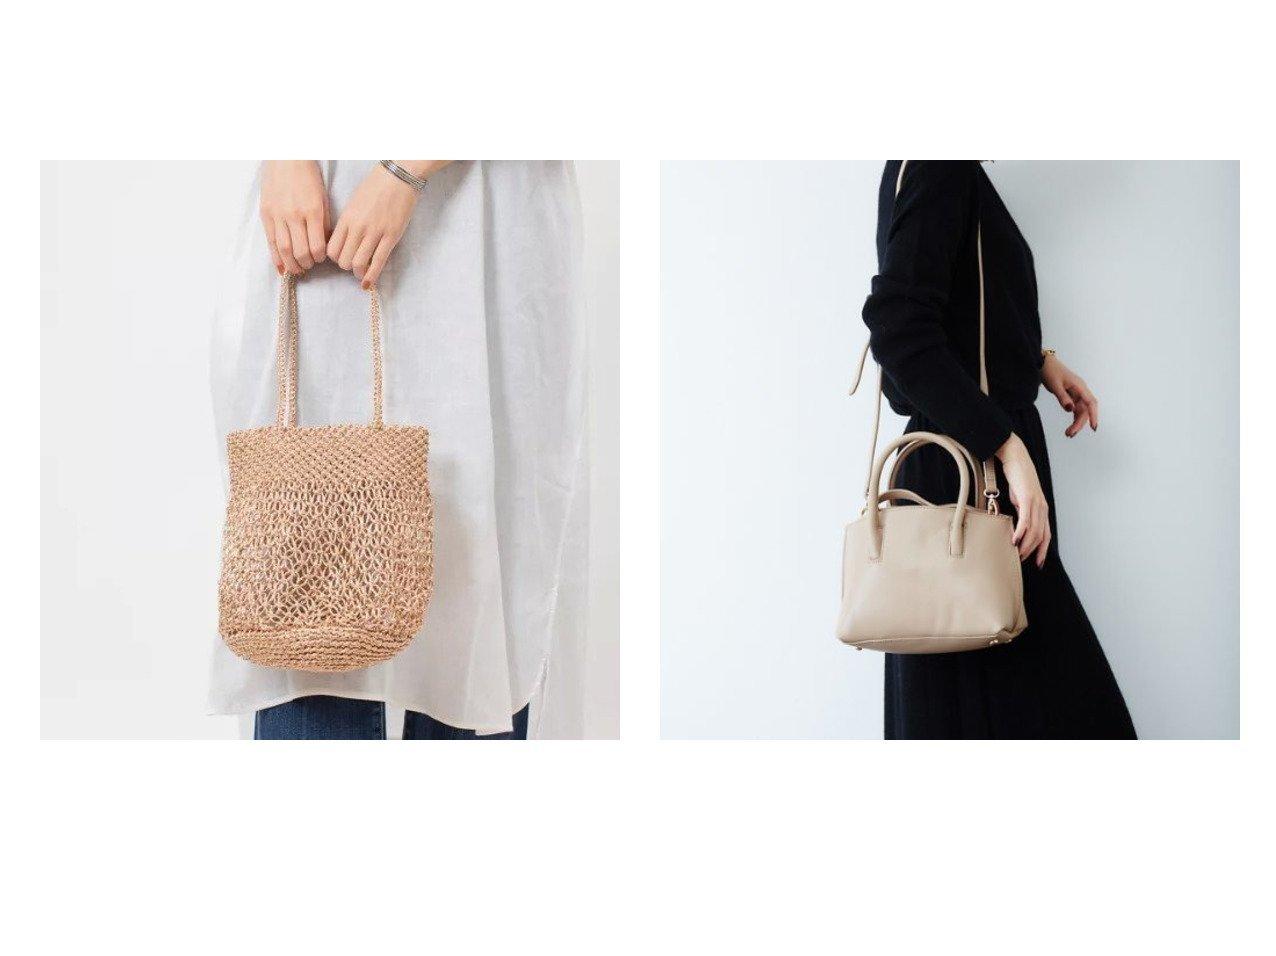 【Rouge vif/ルージュ ヴィフ】の4wayレザー ファートート&【The Bagmati】マクラメBAG バッグ・鞄のおすすめ!人気、トレンド・レディースファッションの通販 おすすめで人気の流行・トレンド、ファッションの通販商品 メンズファッション・キッズファッション・インテリア・家具・レディースファッション・服の通販 founy(ファニー) https://founy.com/ ファッション Fashion レディースファッション WOMEN バッグ Bag シンプル ハンドバッグ ポーチ ラップ レオパード 財布 エスニック スカーフ ストール ハンド ブランケット |ID:crp329100000013711